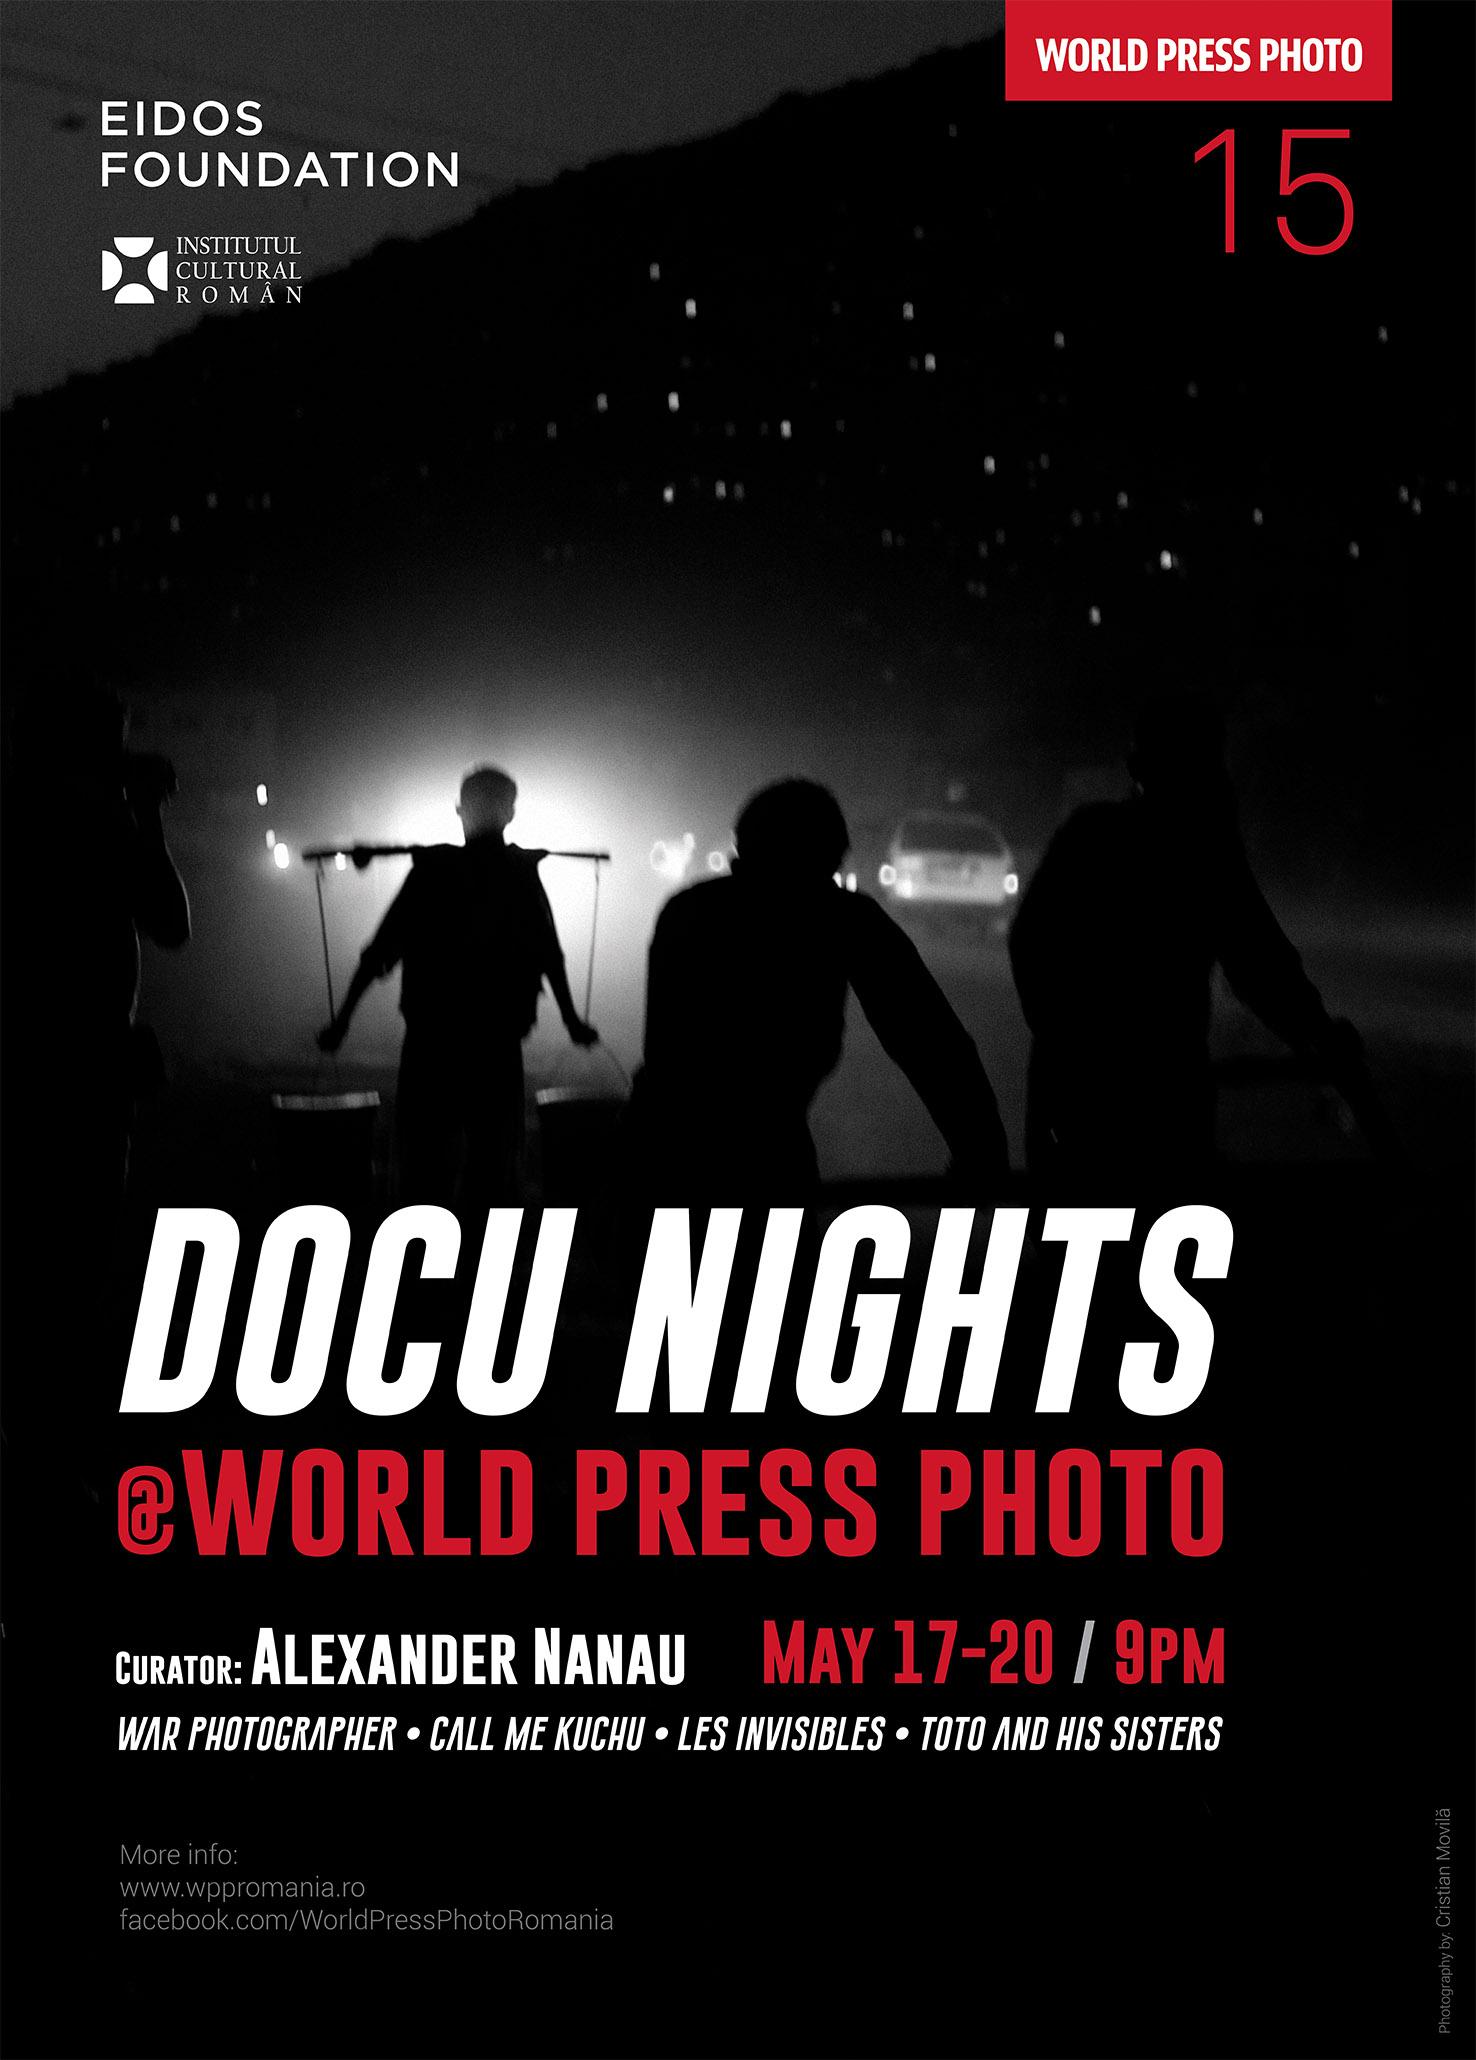 Proiecţii de filme şi sesiuni ShortsUpla expoziţia World Press Photo 2015